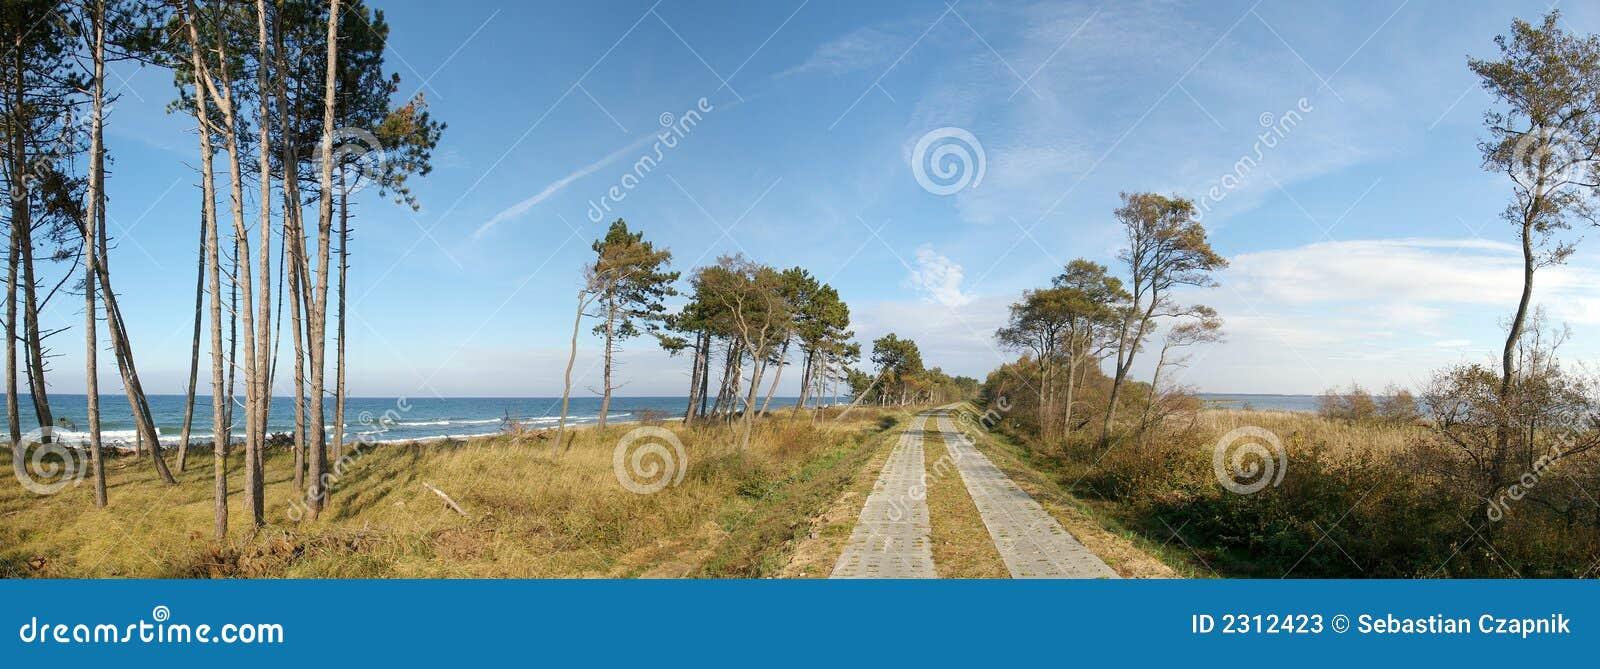 Passaggio del lago e del mare